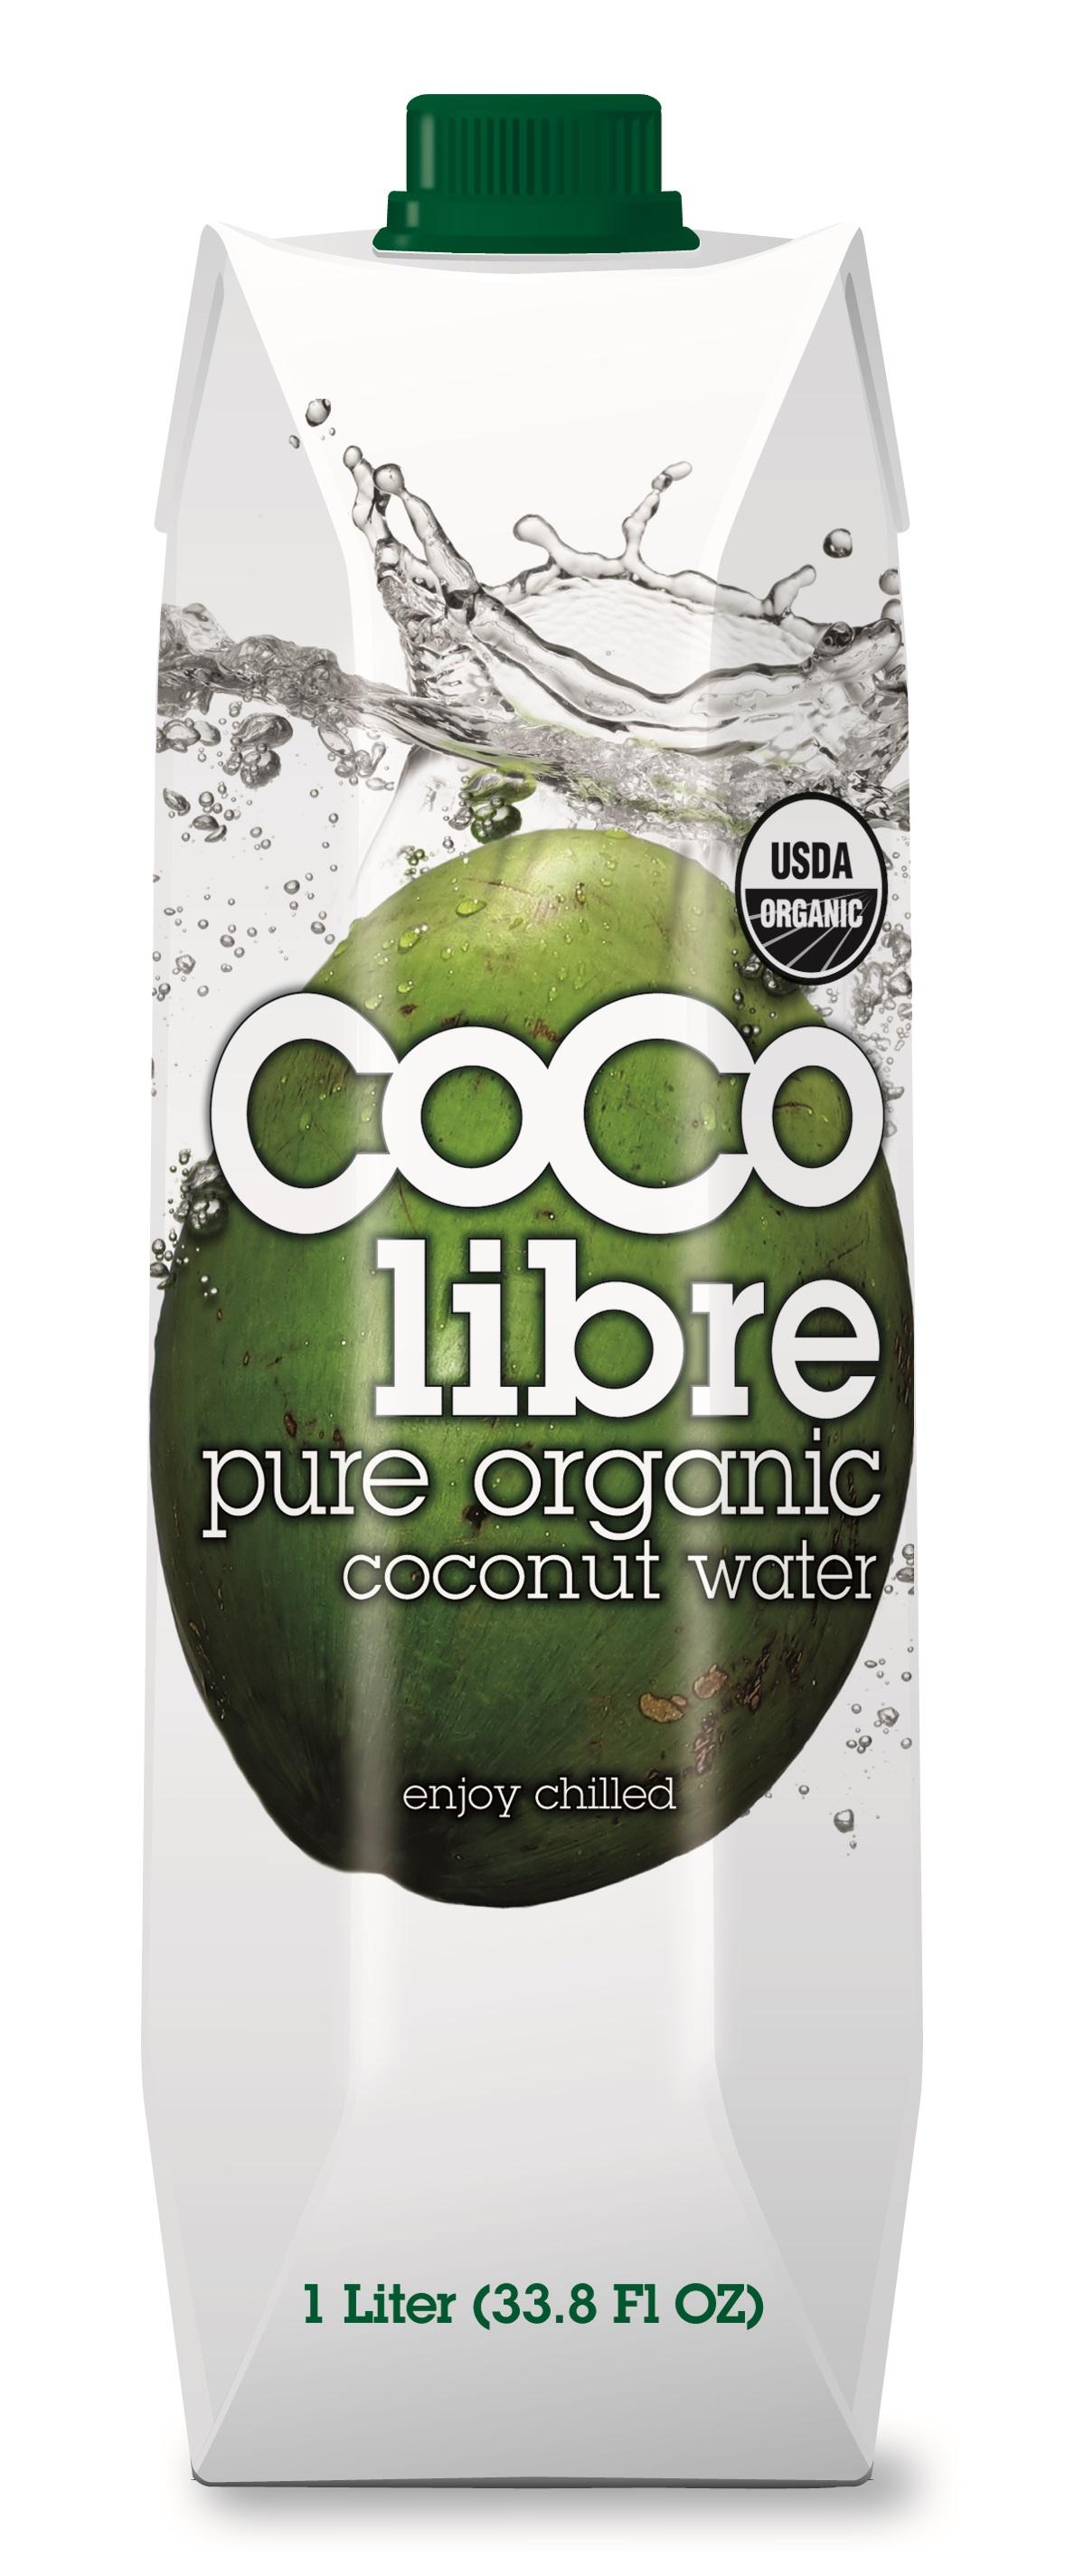 Coco_Libre_Tetra_3D (1)